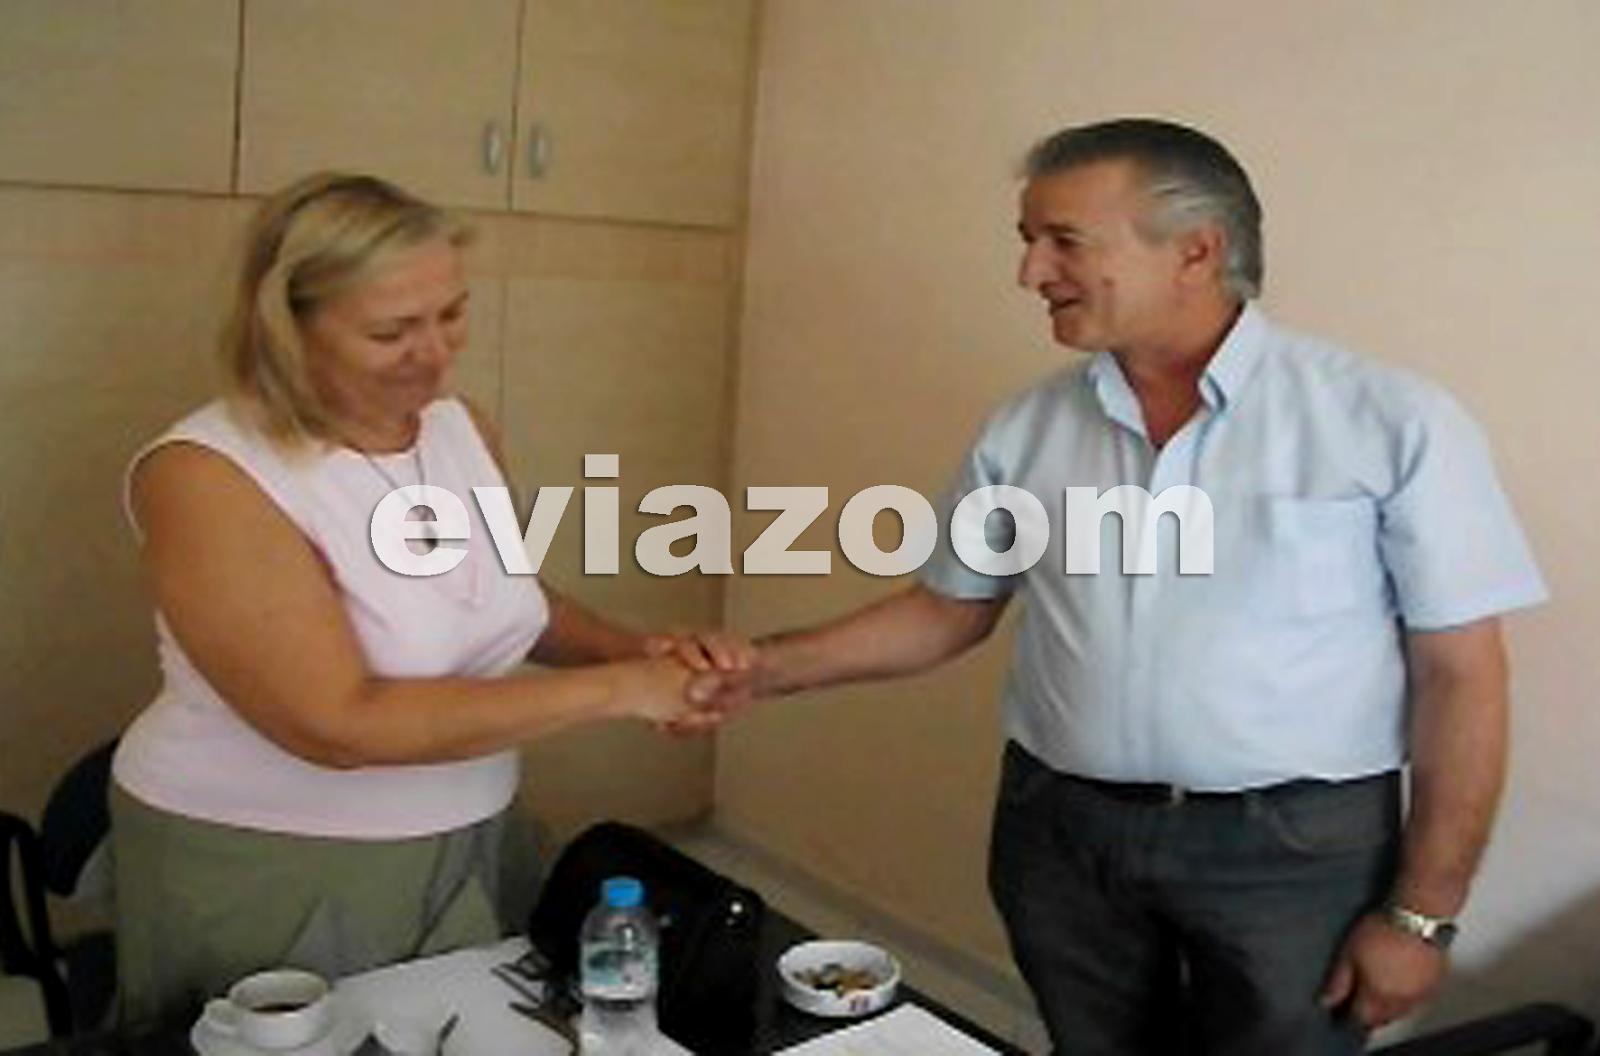 Απ. Βαρδακώστας: «Καλώς ήρθες στο σπίτι σου, Νίκη» - ΒΙΝΤΕΟ